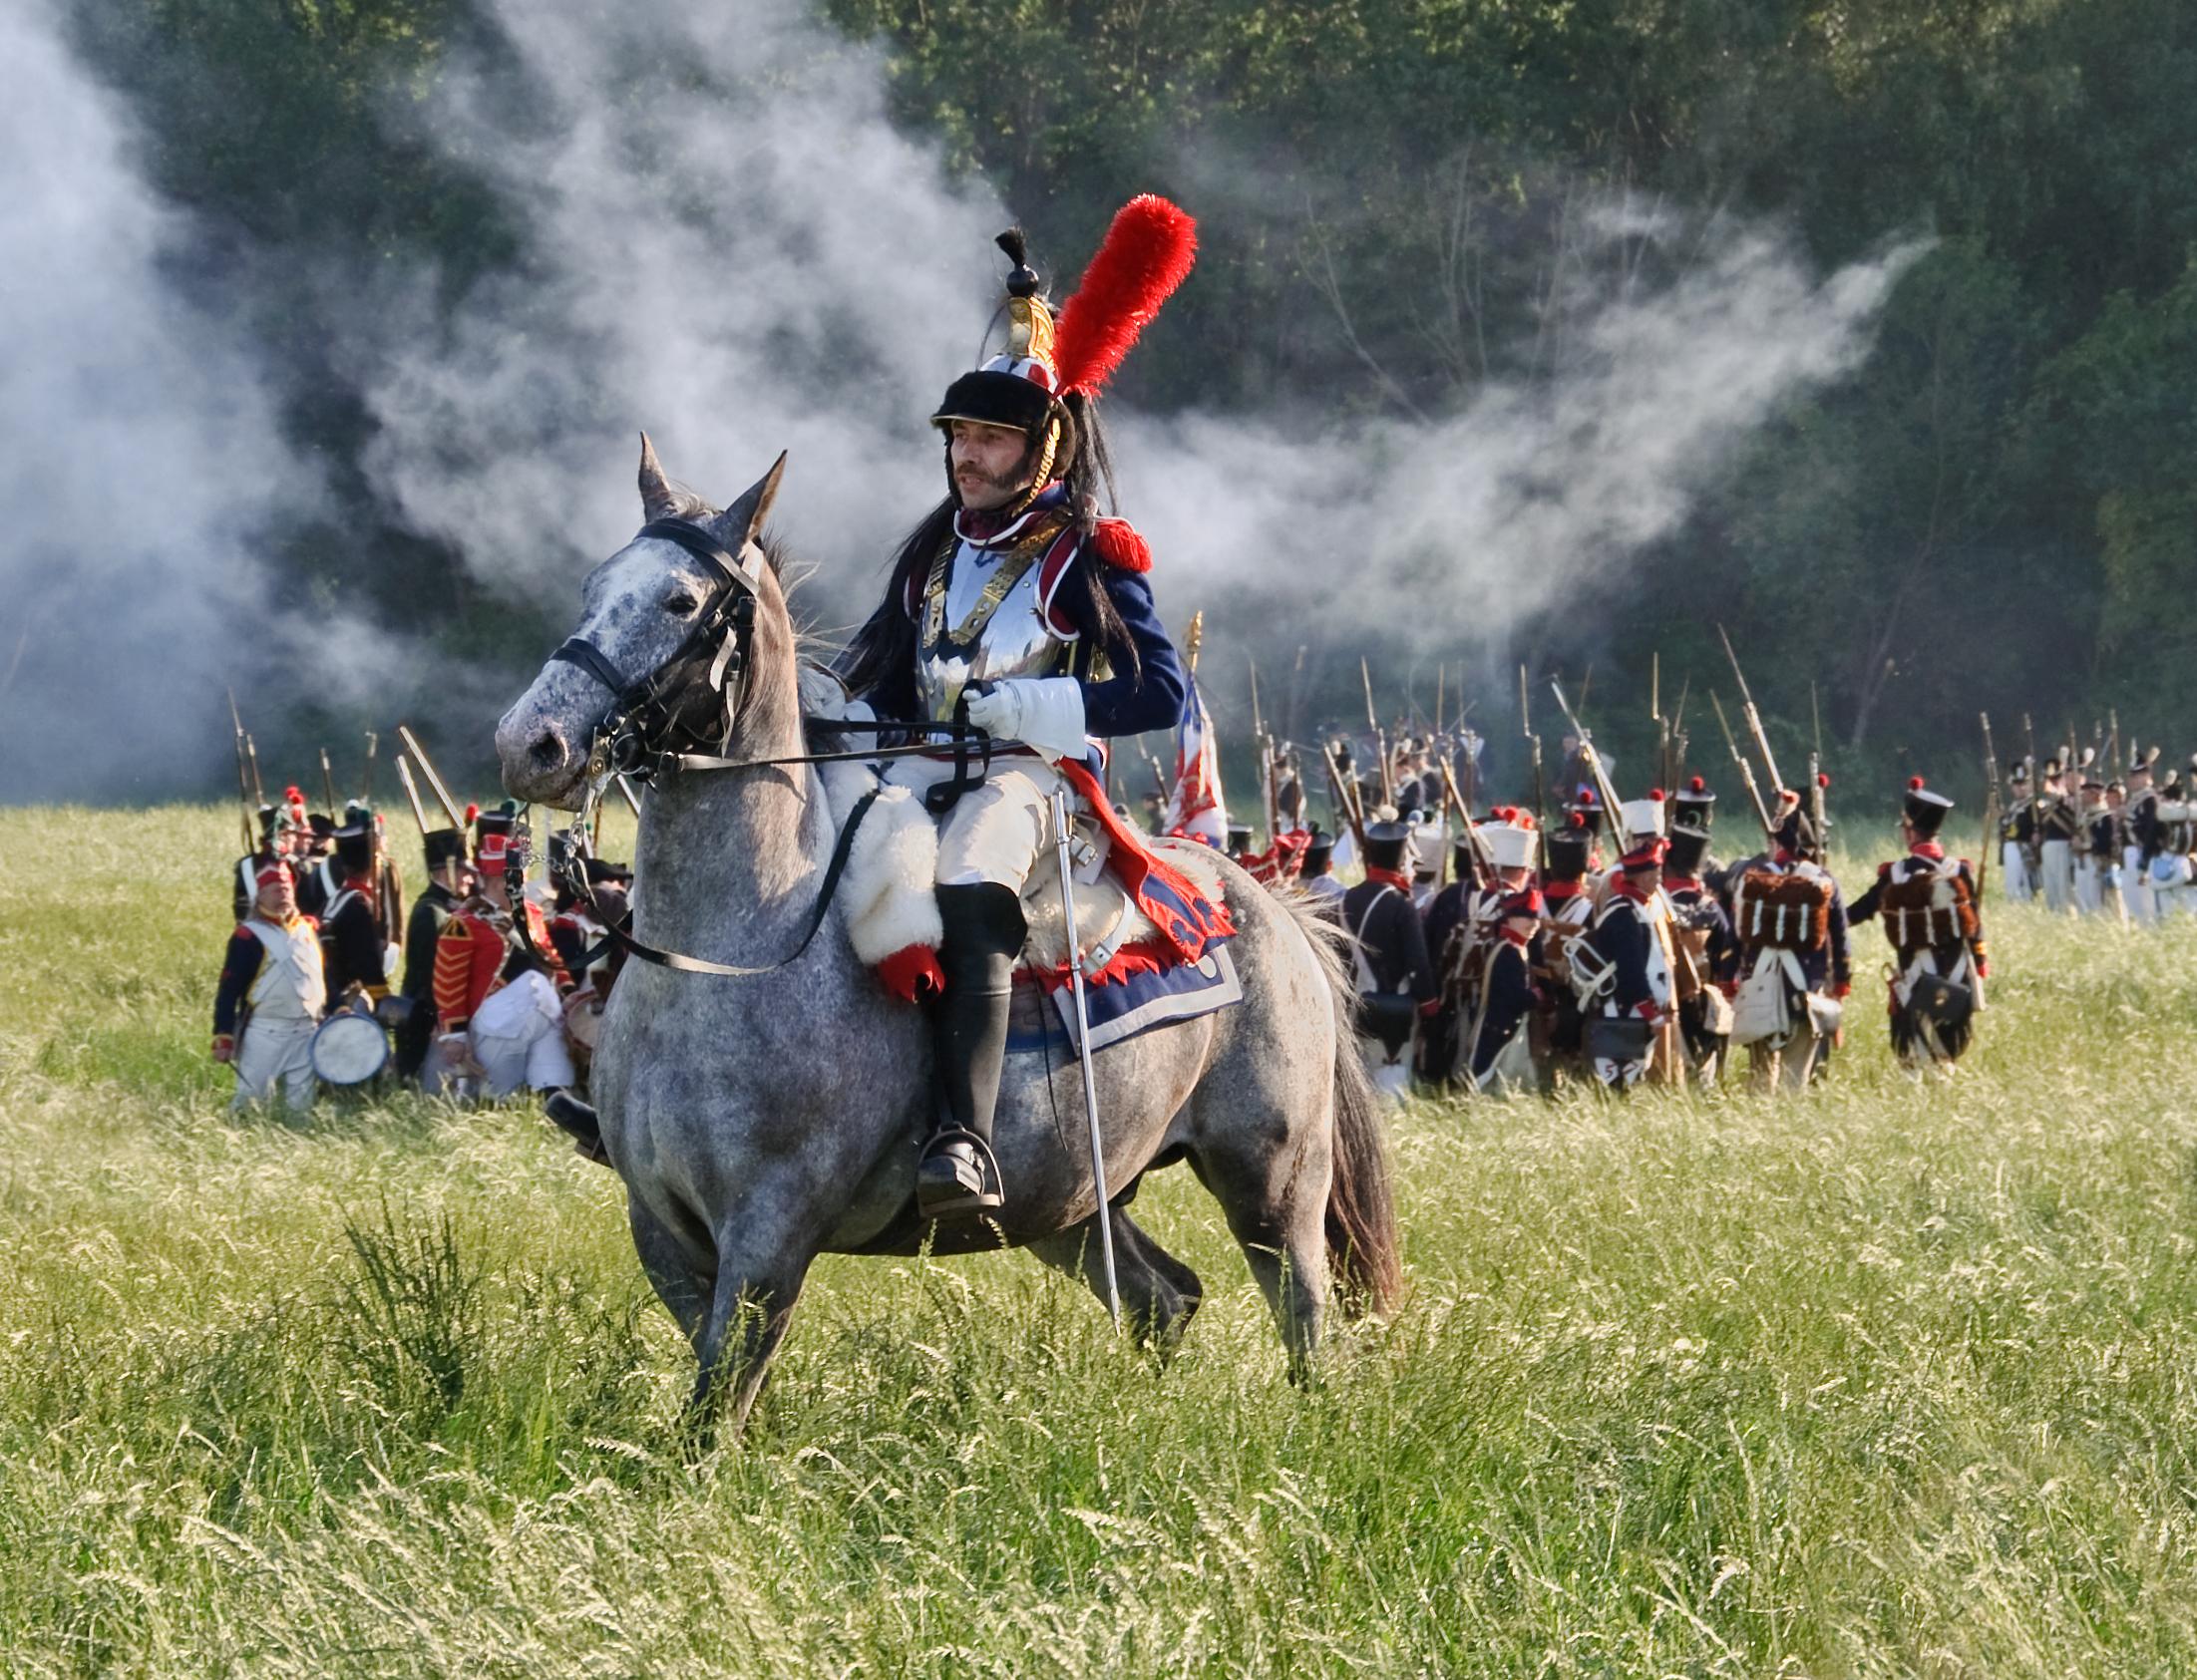 Plik:Bataille Waterloo 1815 reconstitution 2011 cuirassier.jpg ...